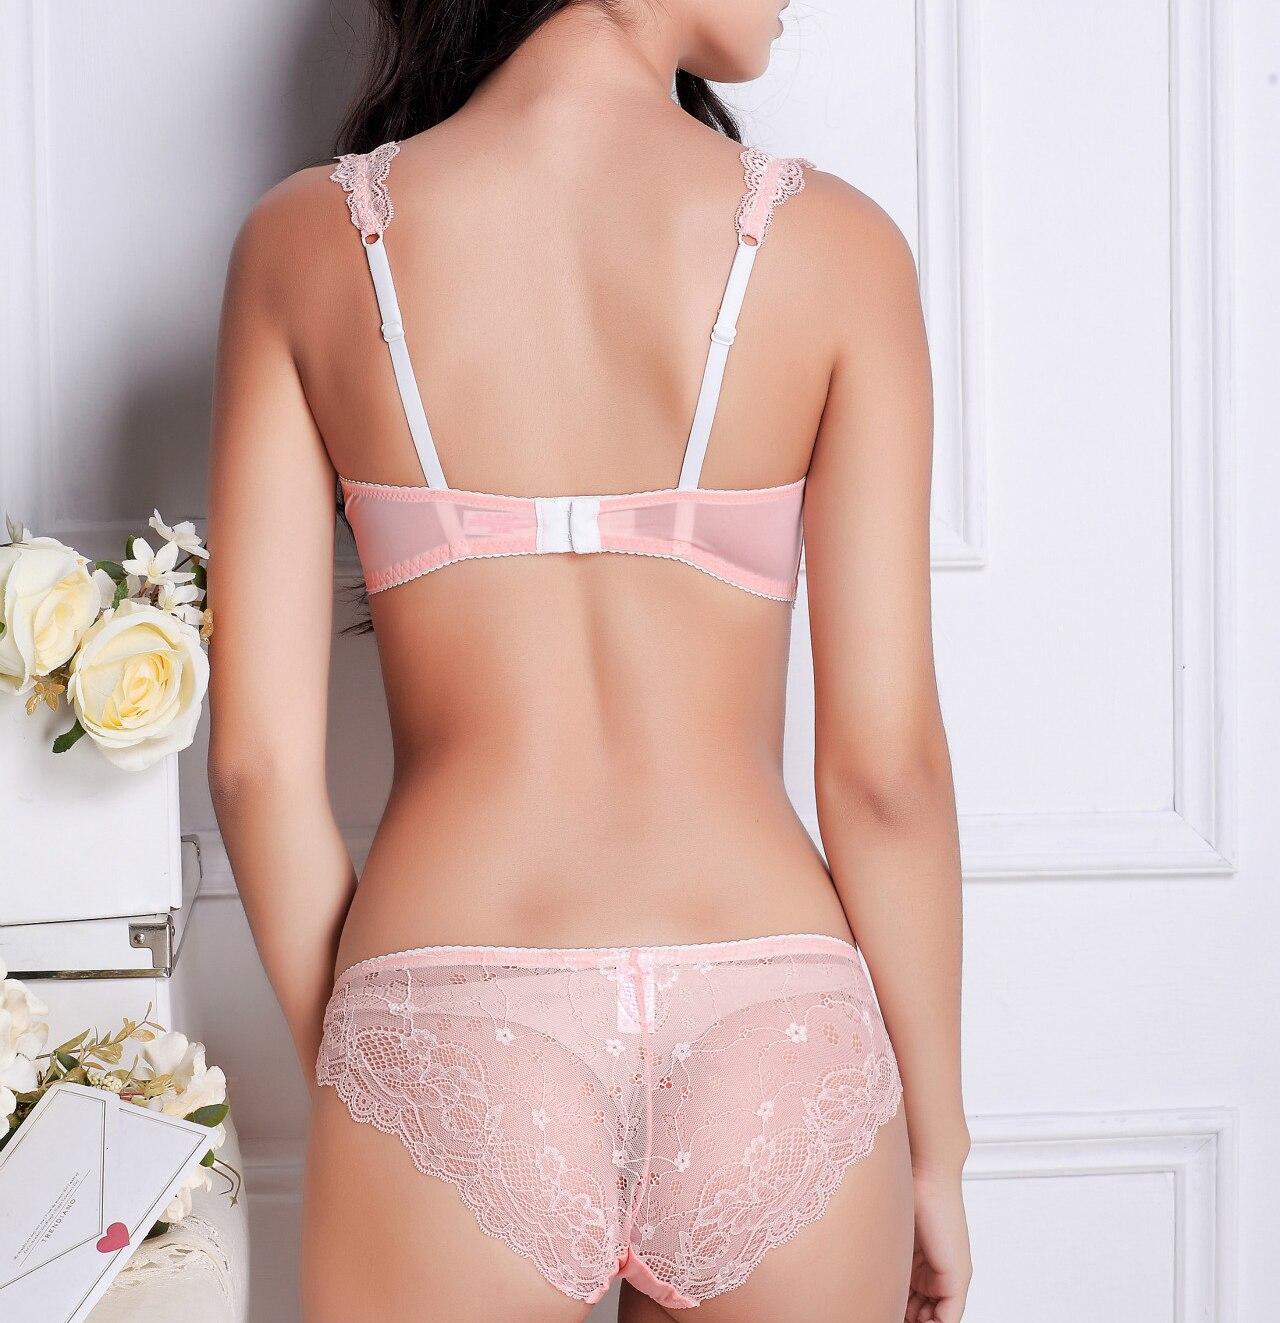 что девушка в розовых прозрачных плавках фото занимаются